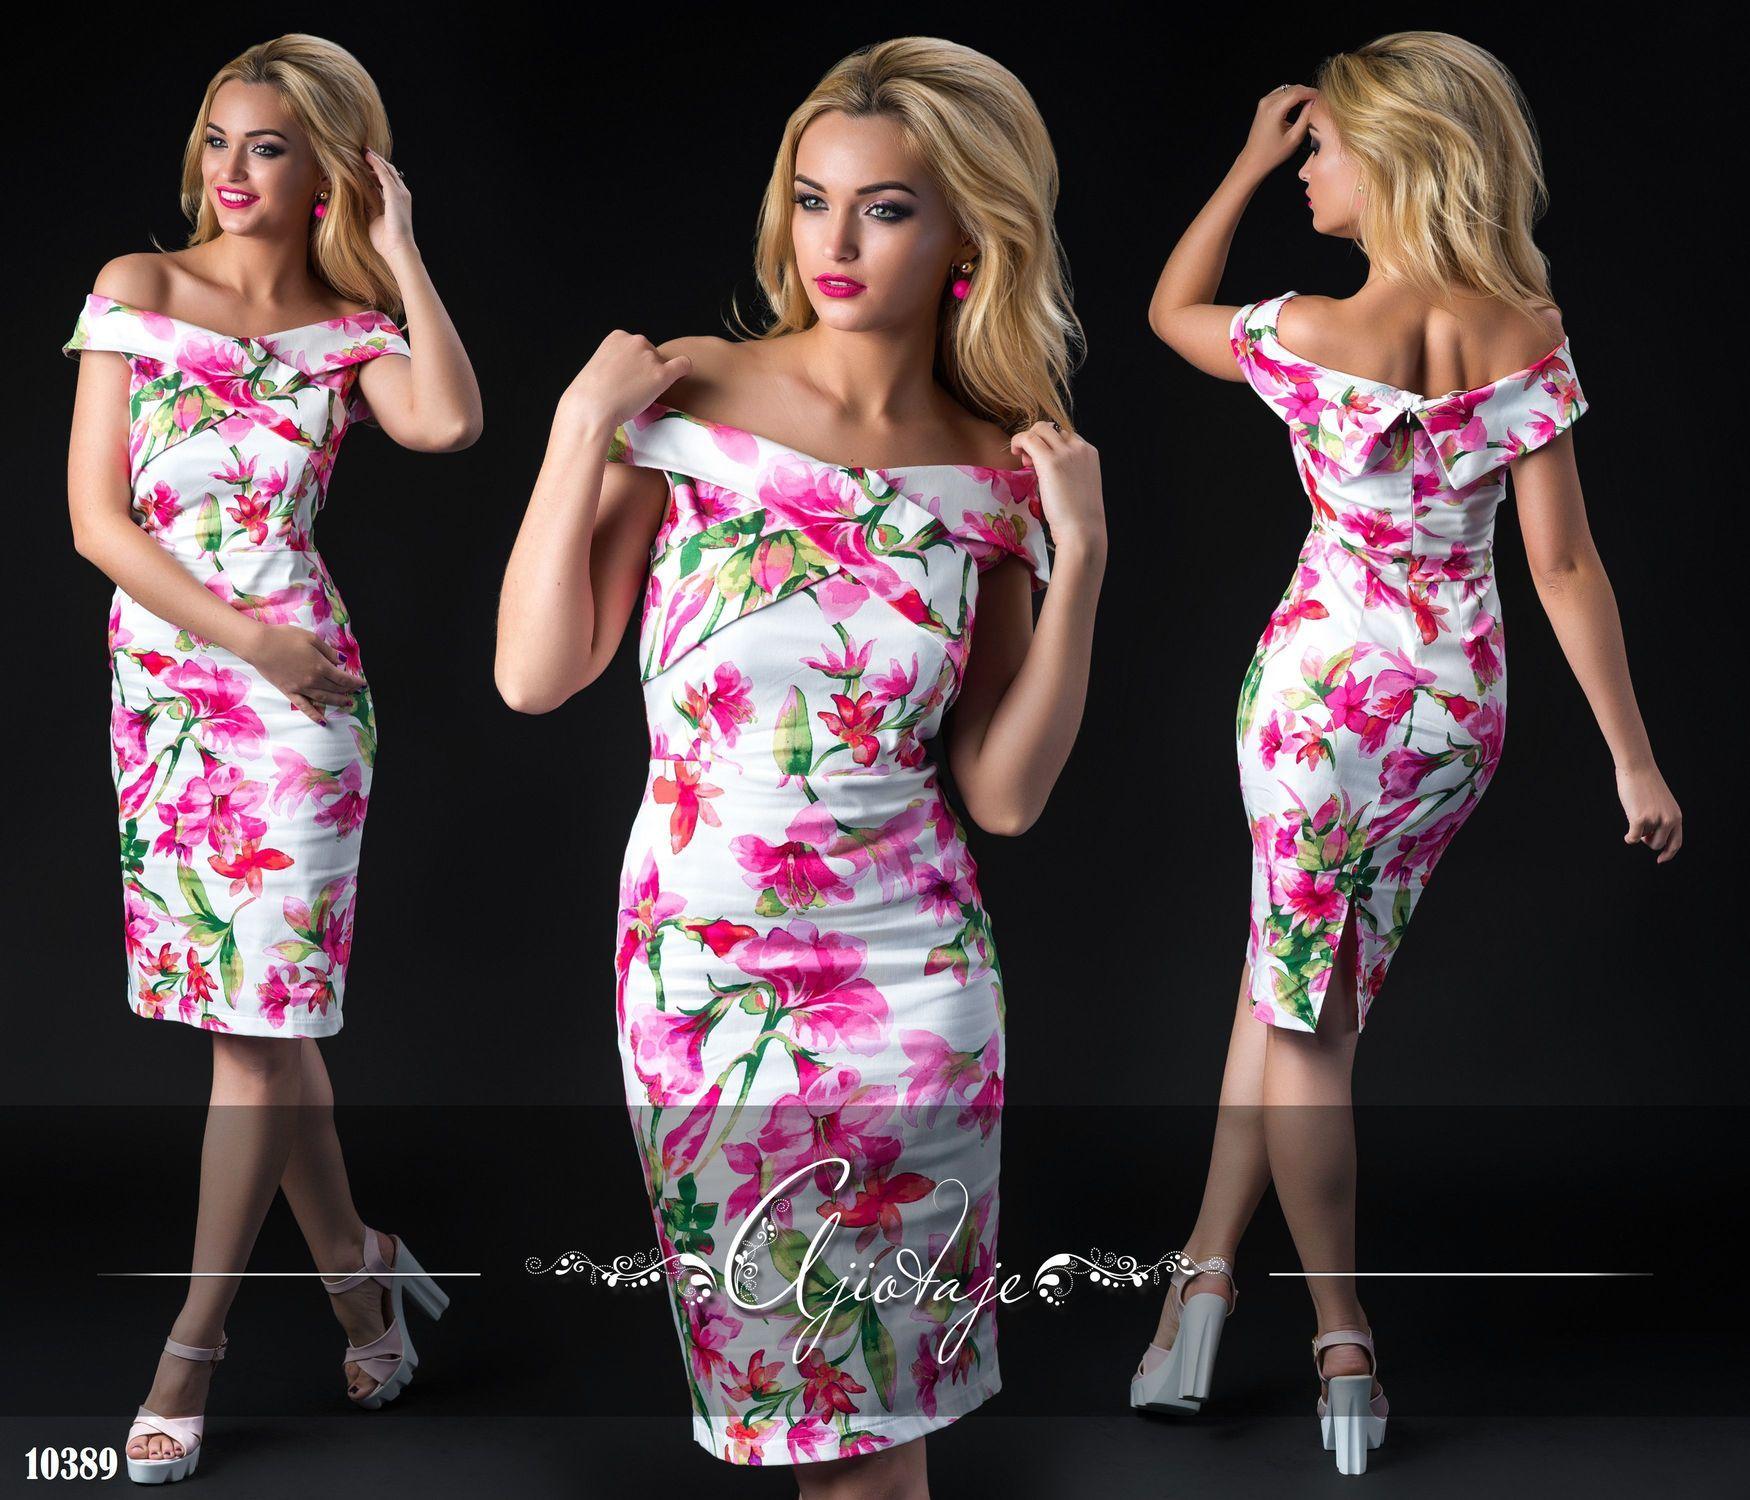 Сбор заказов. Стильно, гламурно и просто красиво! В офисе, на вечеринке и просто на прогулке. Платья, блузки, комбинезоны. Куртки, костюмы и многое другое. Известный украинский производитель! Женская, мужская одежда, а так же большие размеры-5